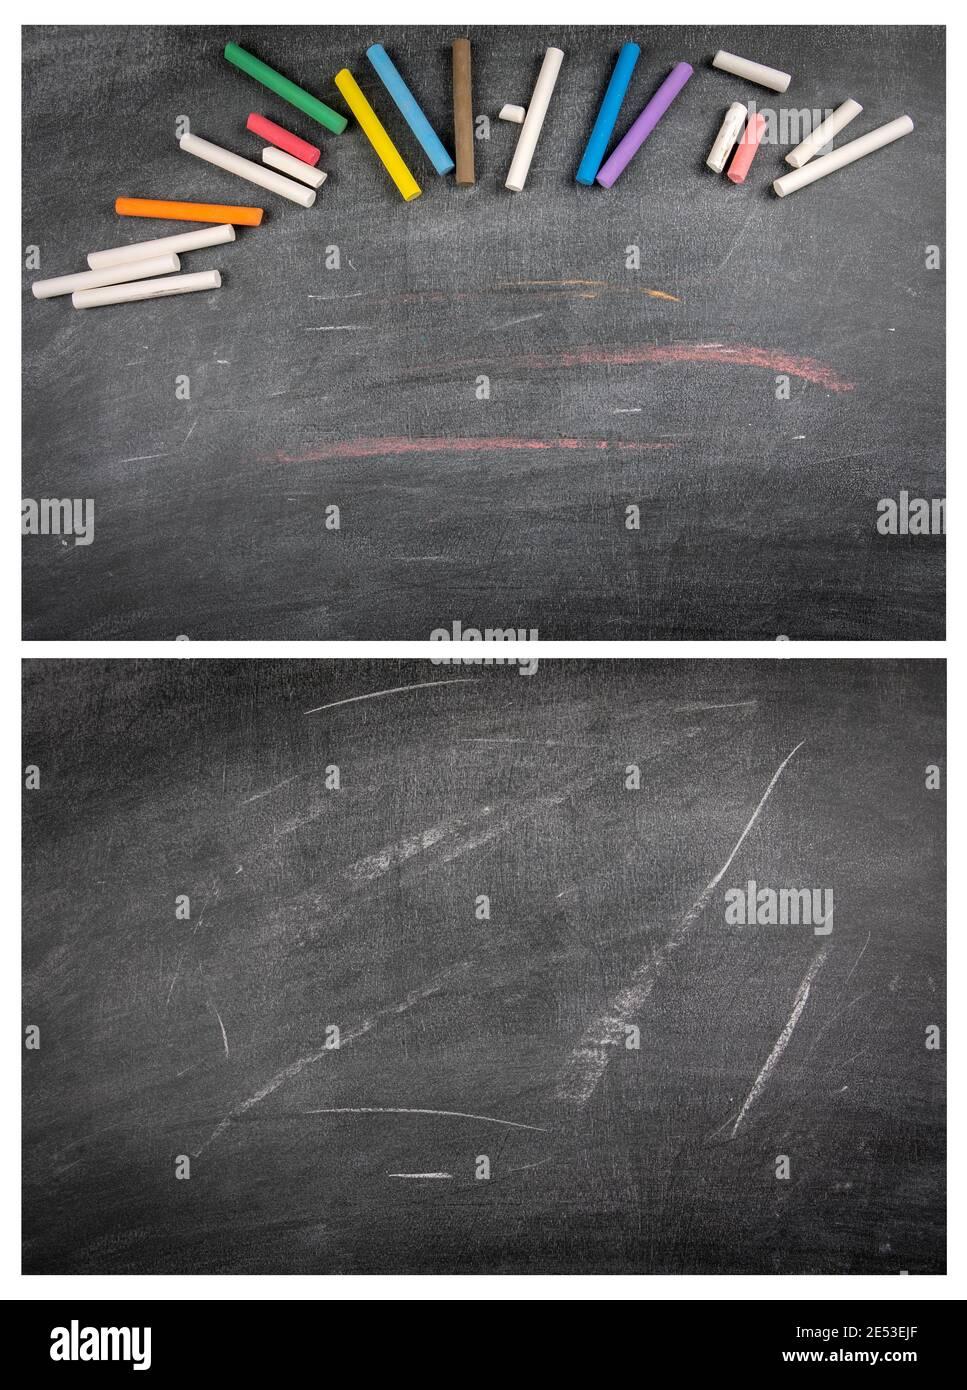 Pizarras de tiza negra con trozos de tiza. Arañazos y líneas blancas. Espacio para texto y dibujos, maqueta. Foto de stock